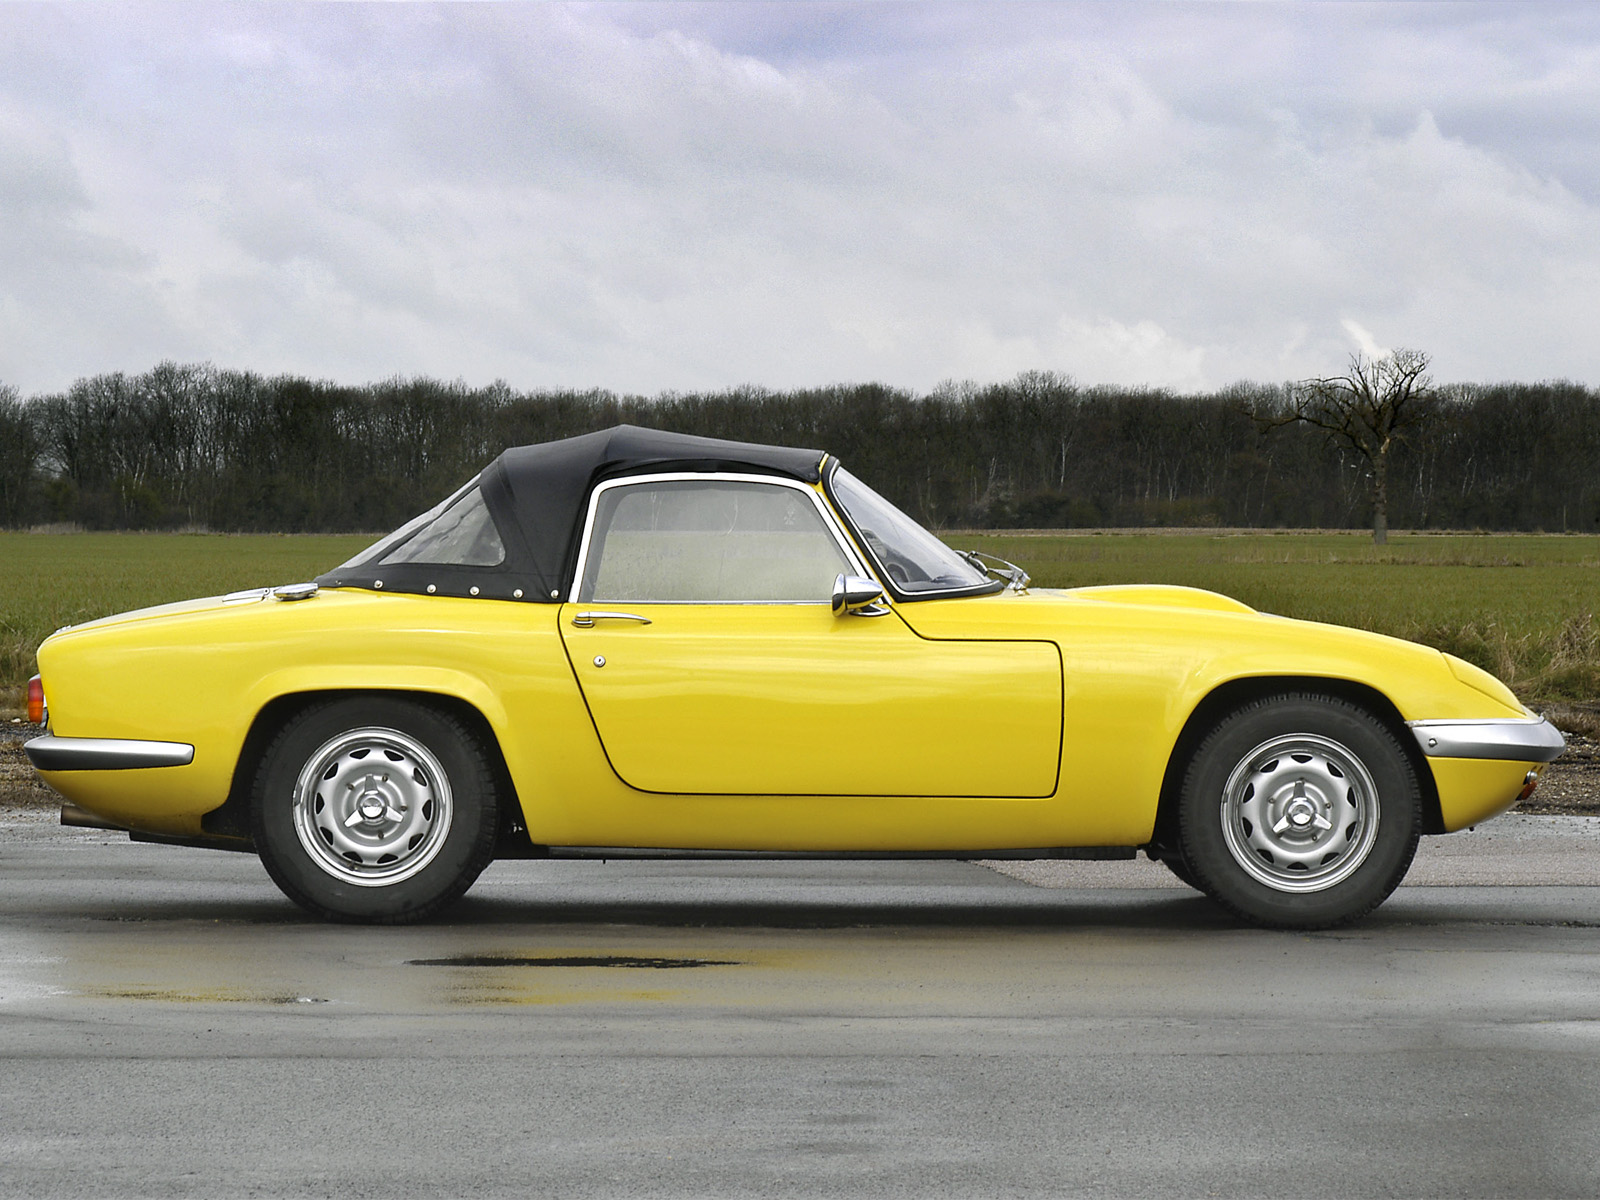 Lotus Elan 1500 S1